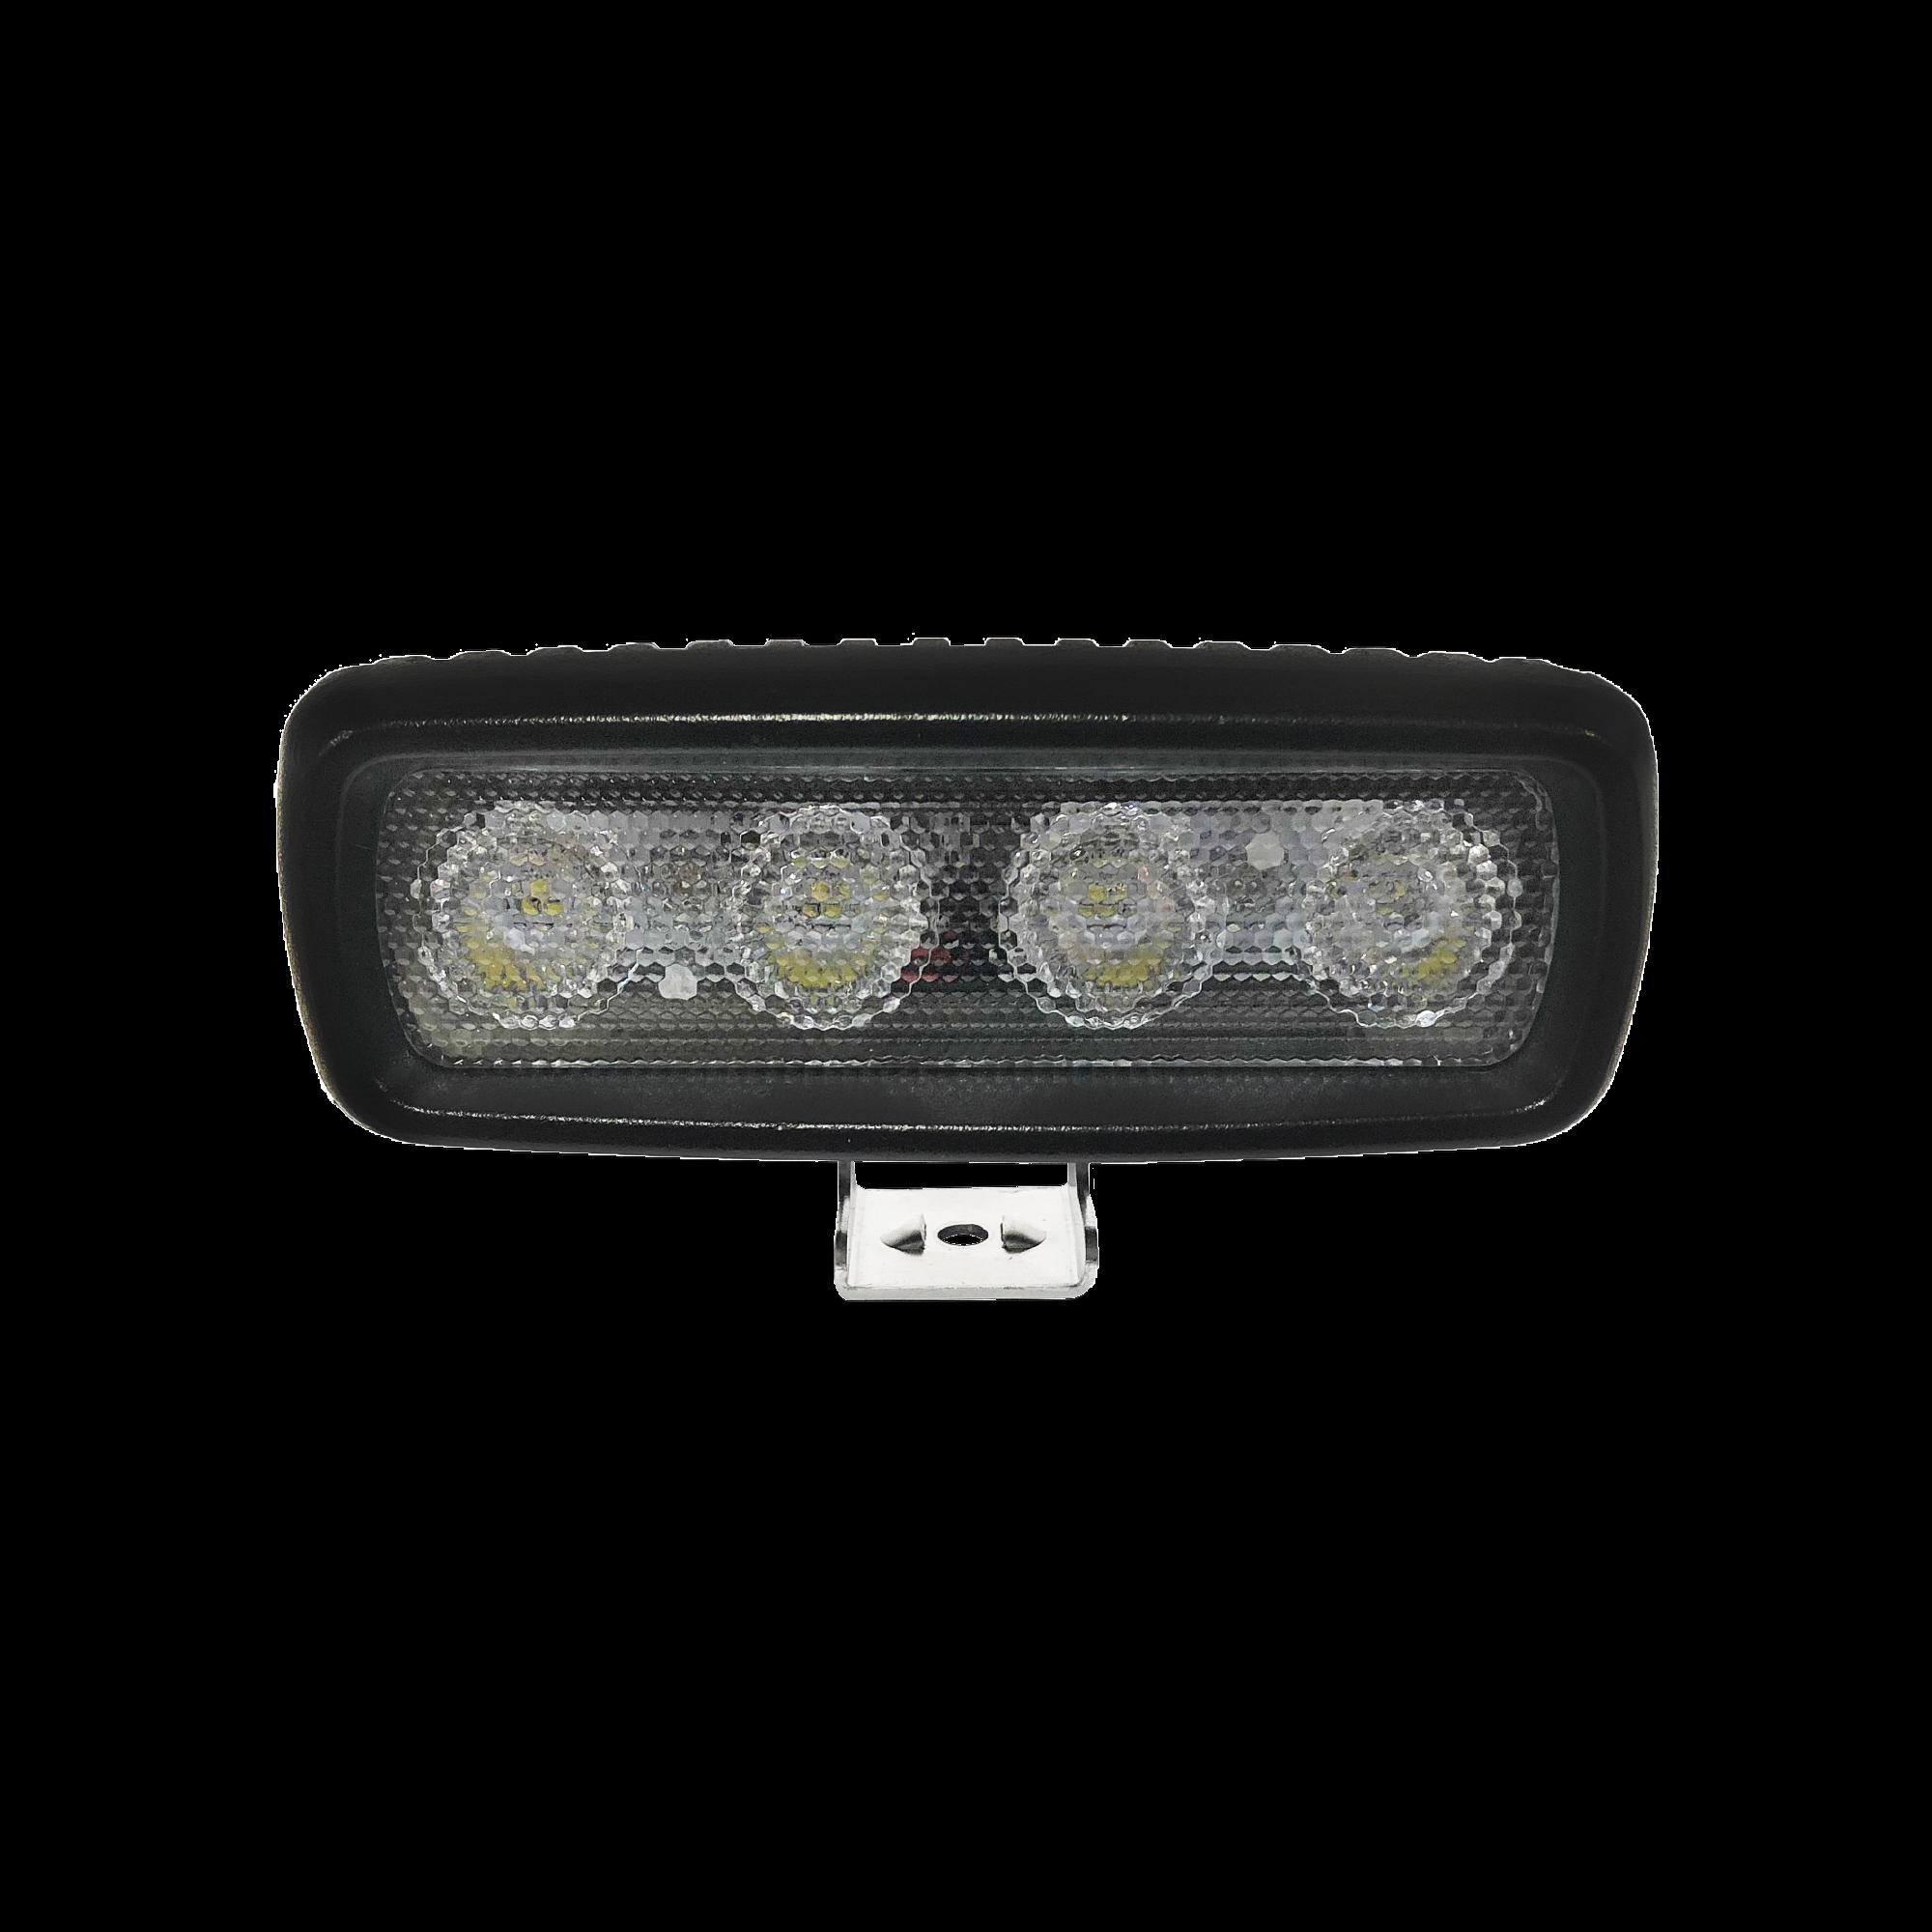 Luz de trabajo ultrabrillante, 4 LED, 1000 lumen, 12-24 VCD